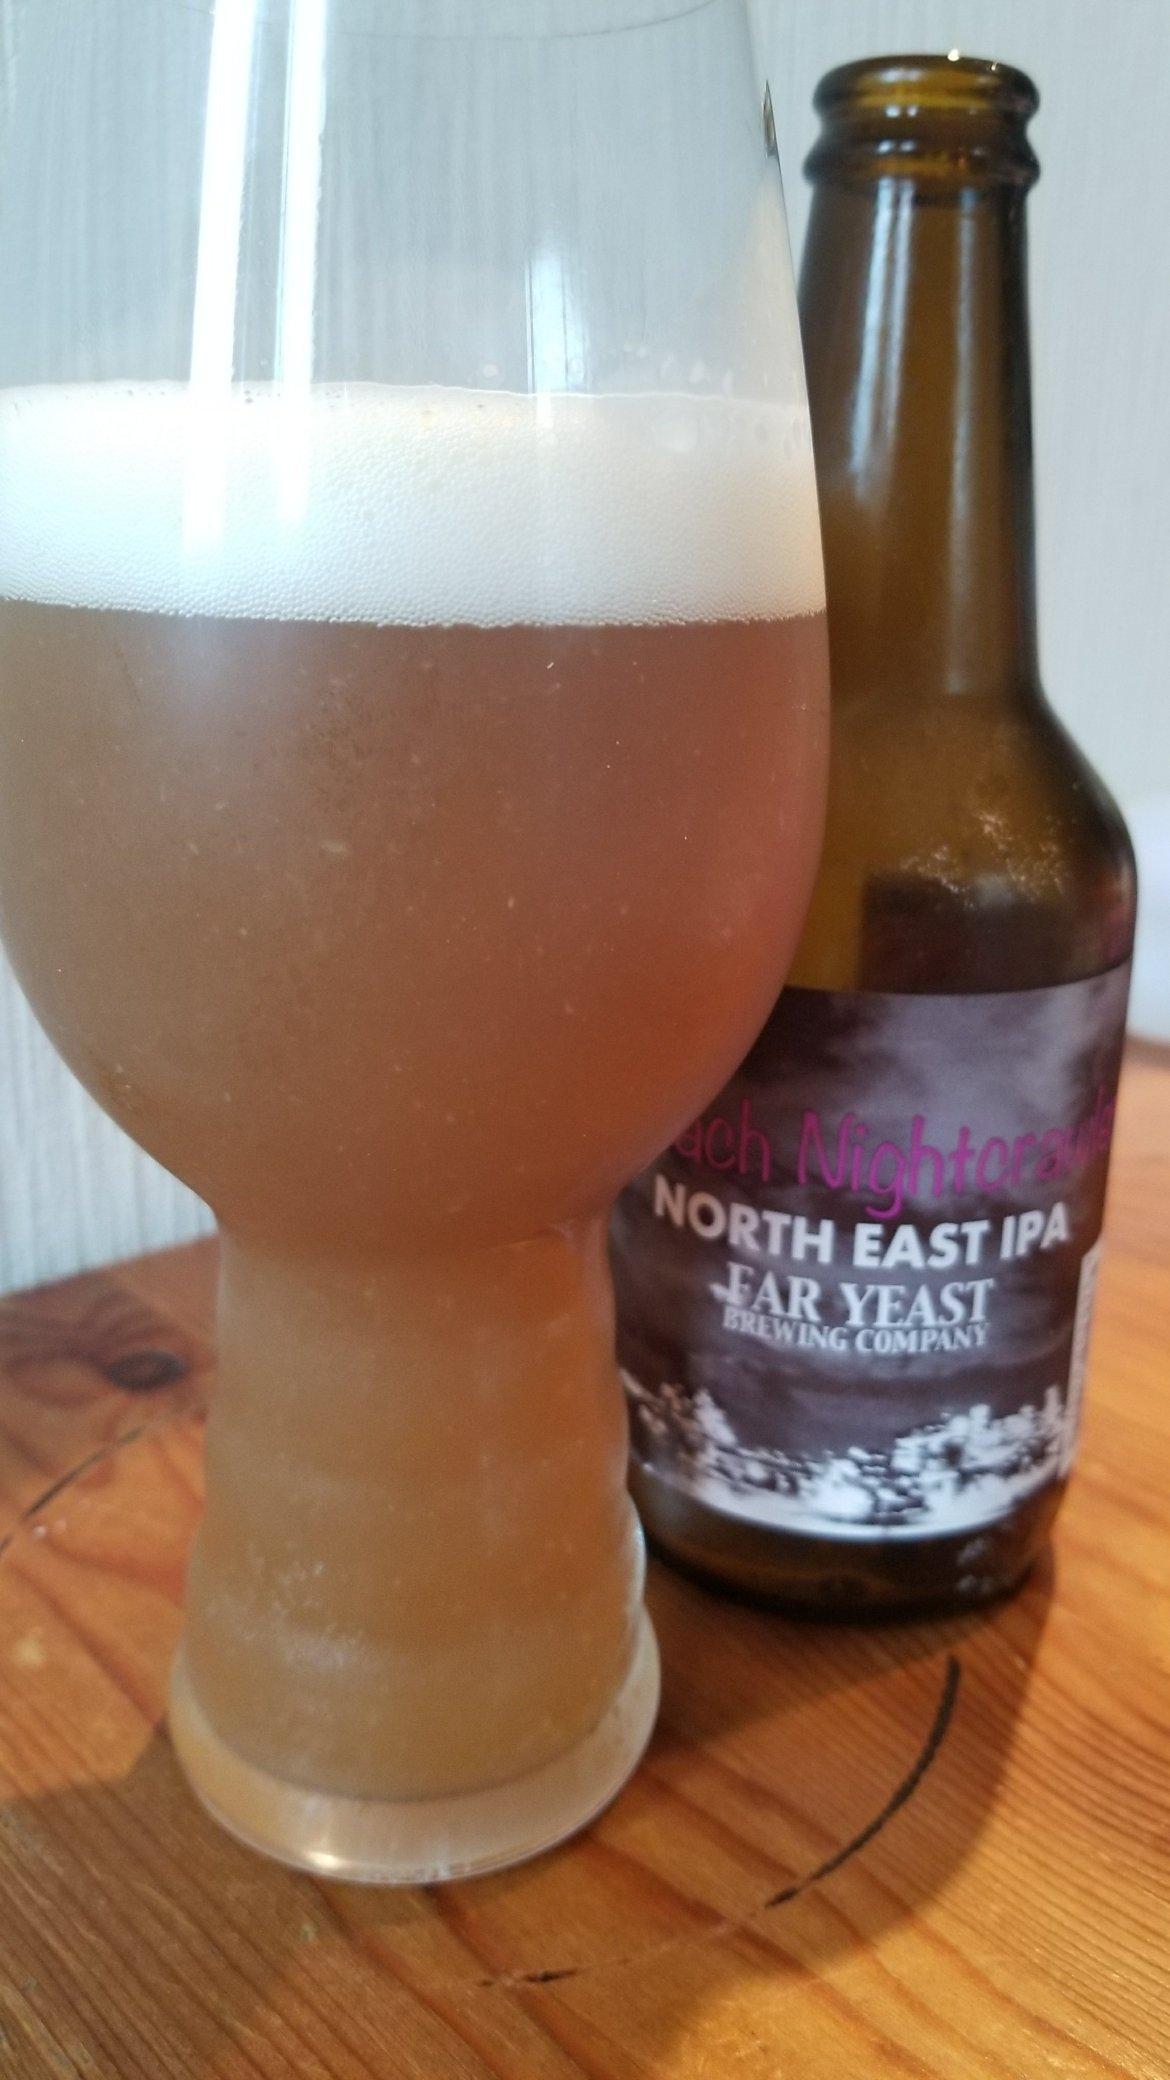 Far Yeast Peach Nightcrawler NE IPA ファーイースト ピーチ ナイトクローラー NEIPA